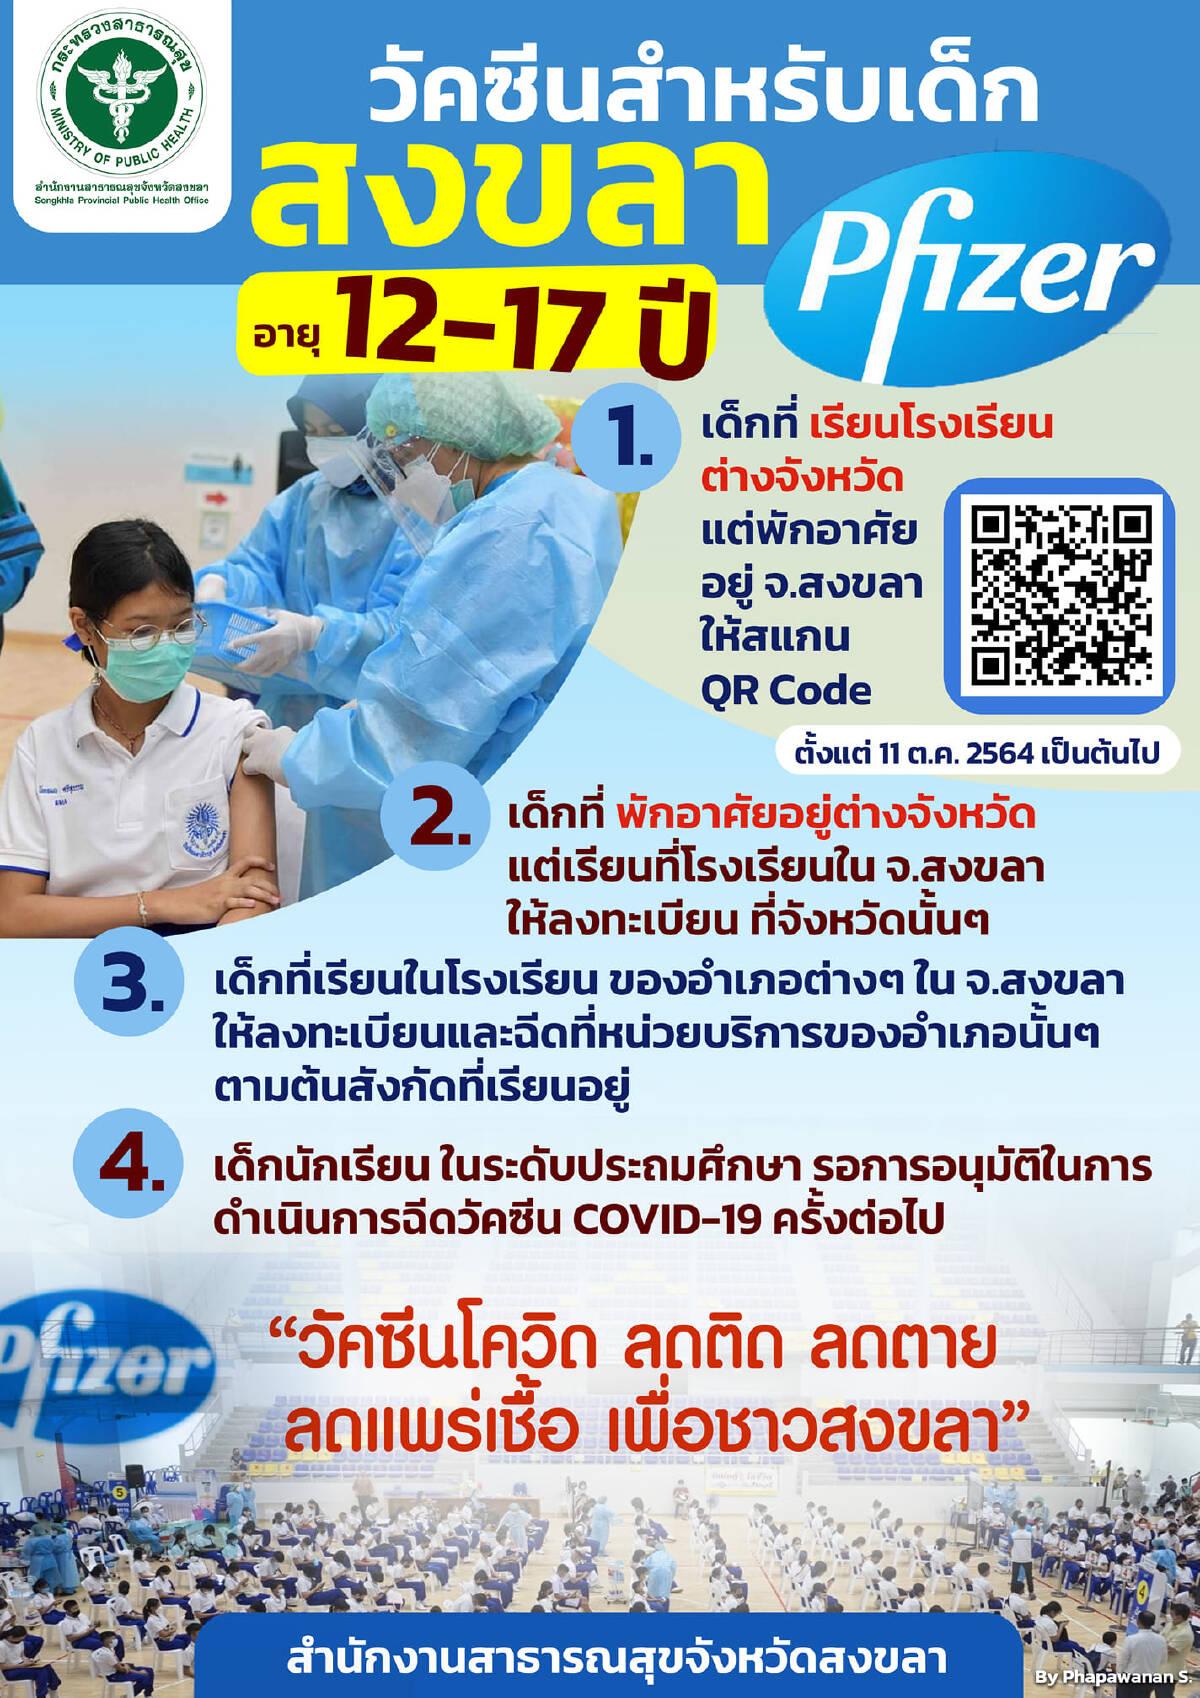 สงขลา เปิดให้เด็กนักเรียนอายุตั้งแต่ 12-17 ปี ลงทะเบียนฉีดวัคซีนไฟเซอร์